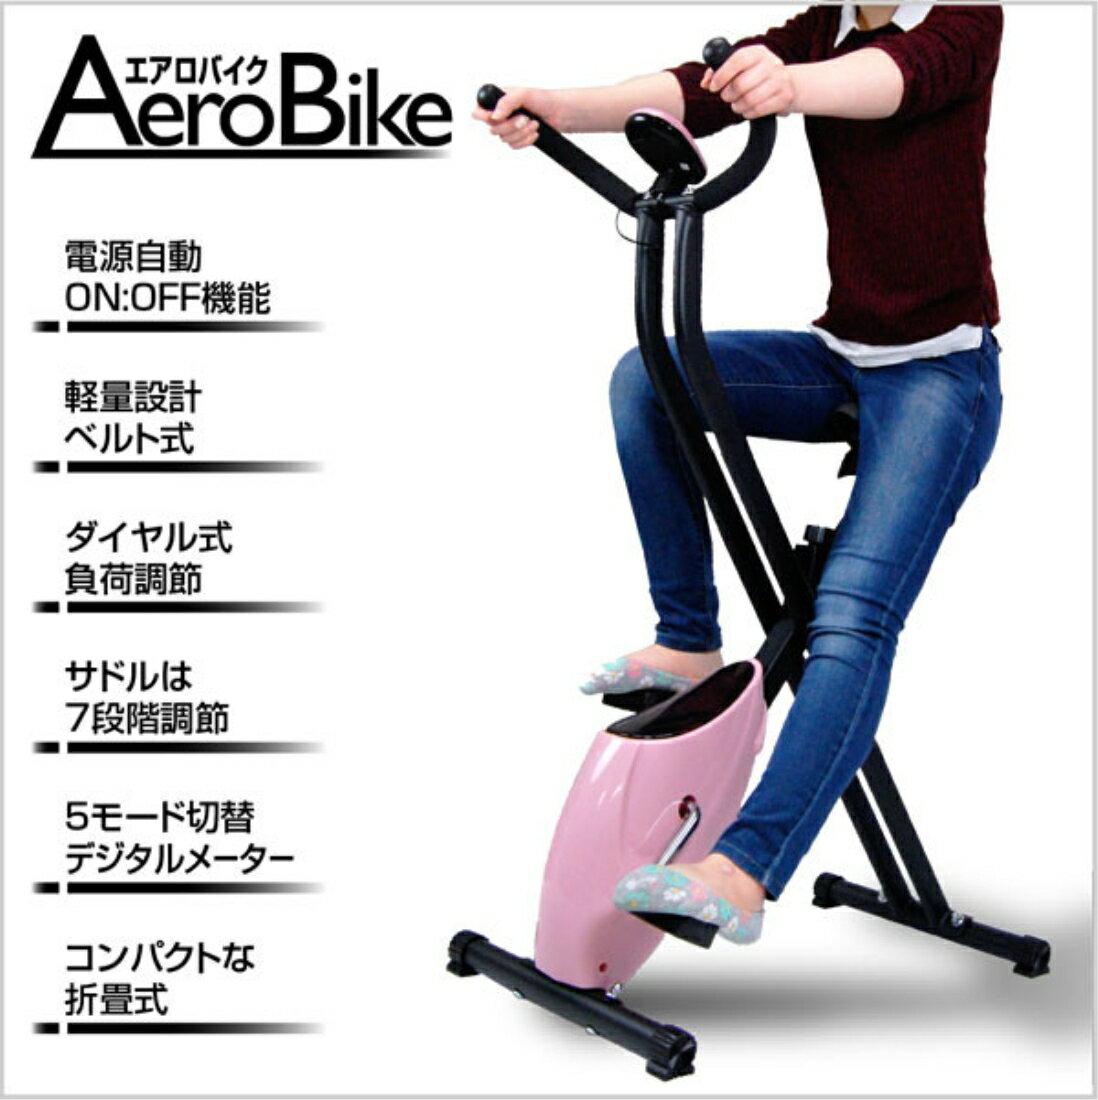 エアロバイク917【桃】エアロ バイク コンパクト 収納 消費 カロリー 表示